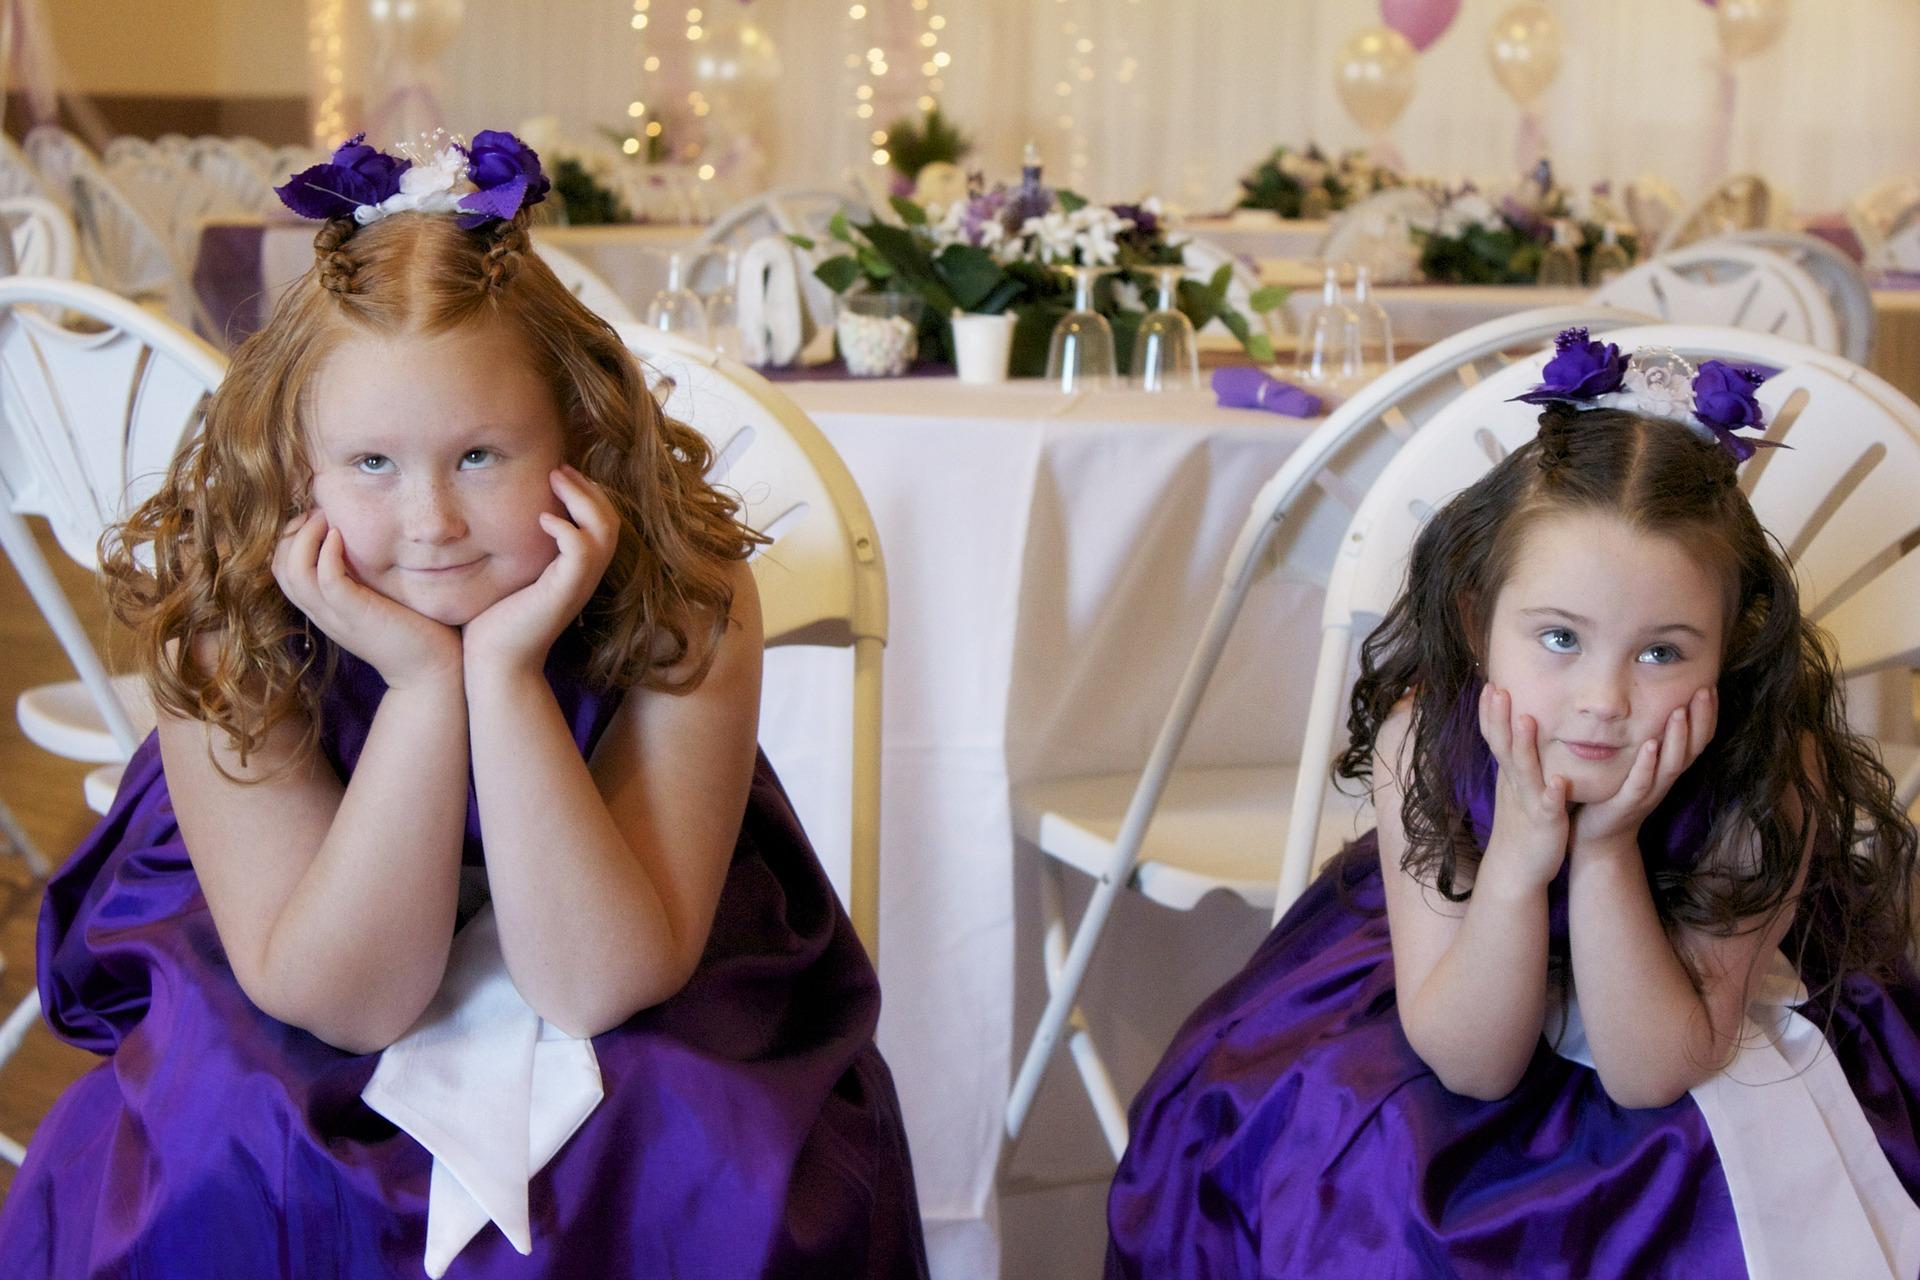 Babysitter al matrimonio: un'alternativa per intrattenere i piccoli invitati!